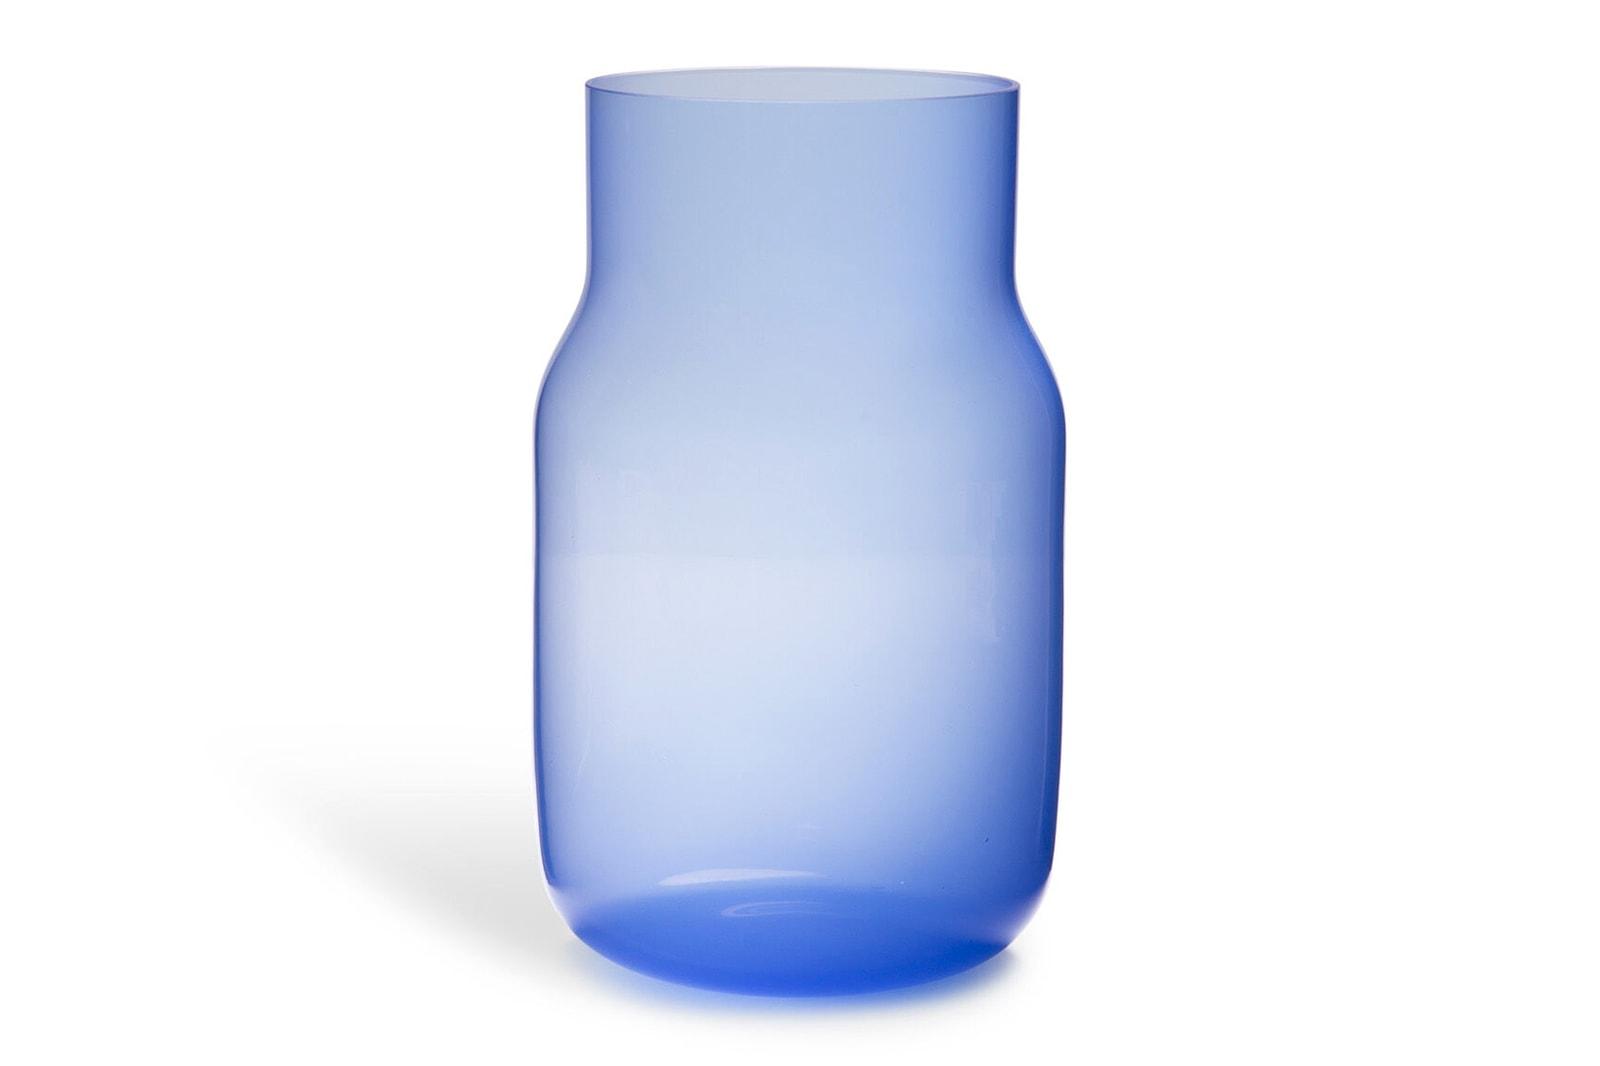 best minimal vases pots indoor plants interior design home decor hay raawii kinto georg jensen